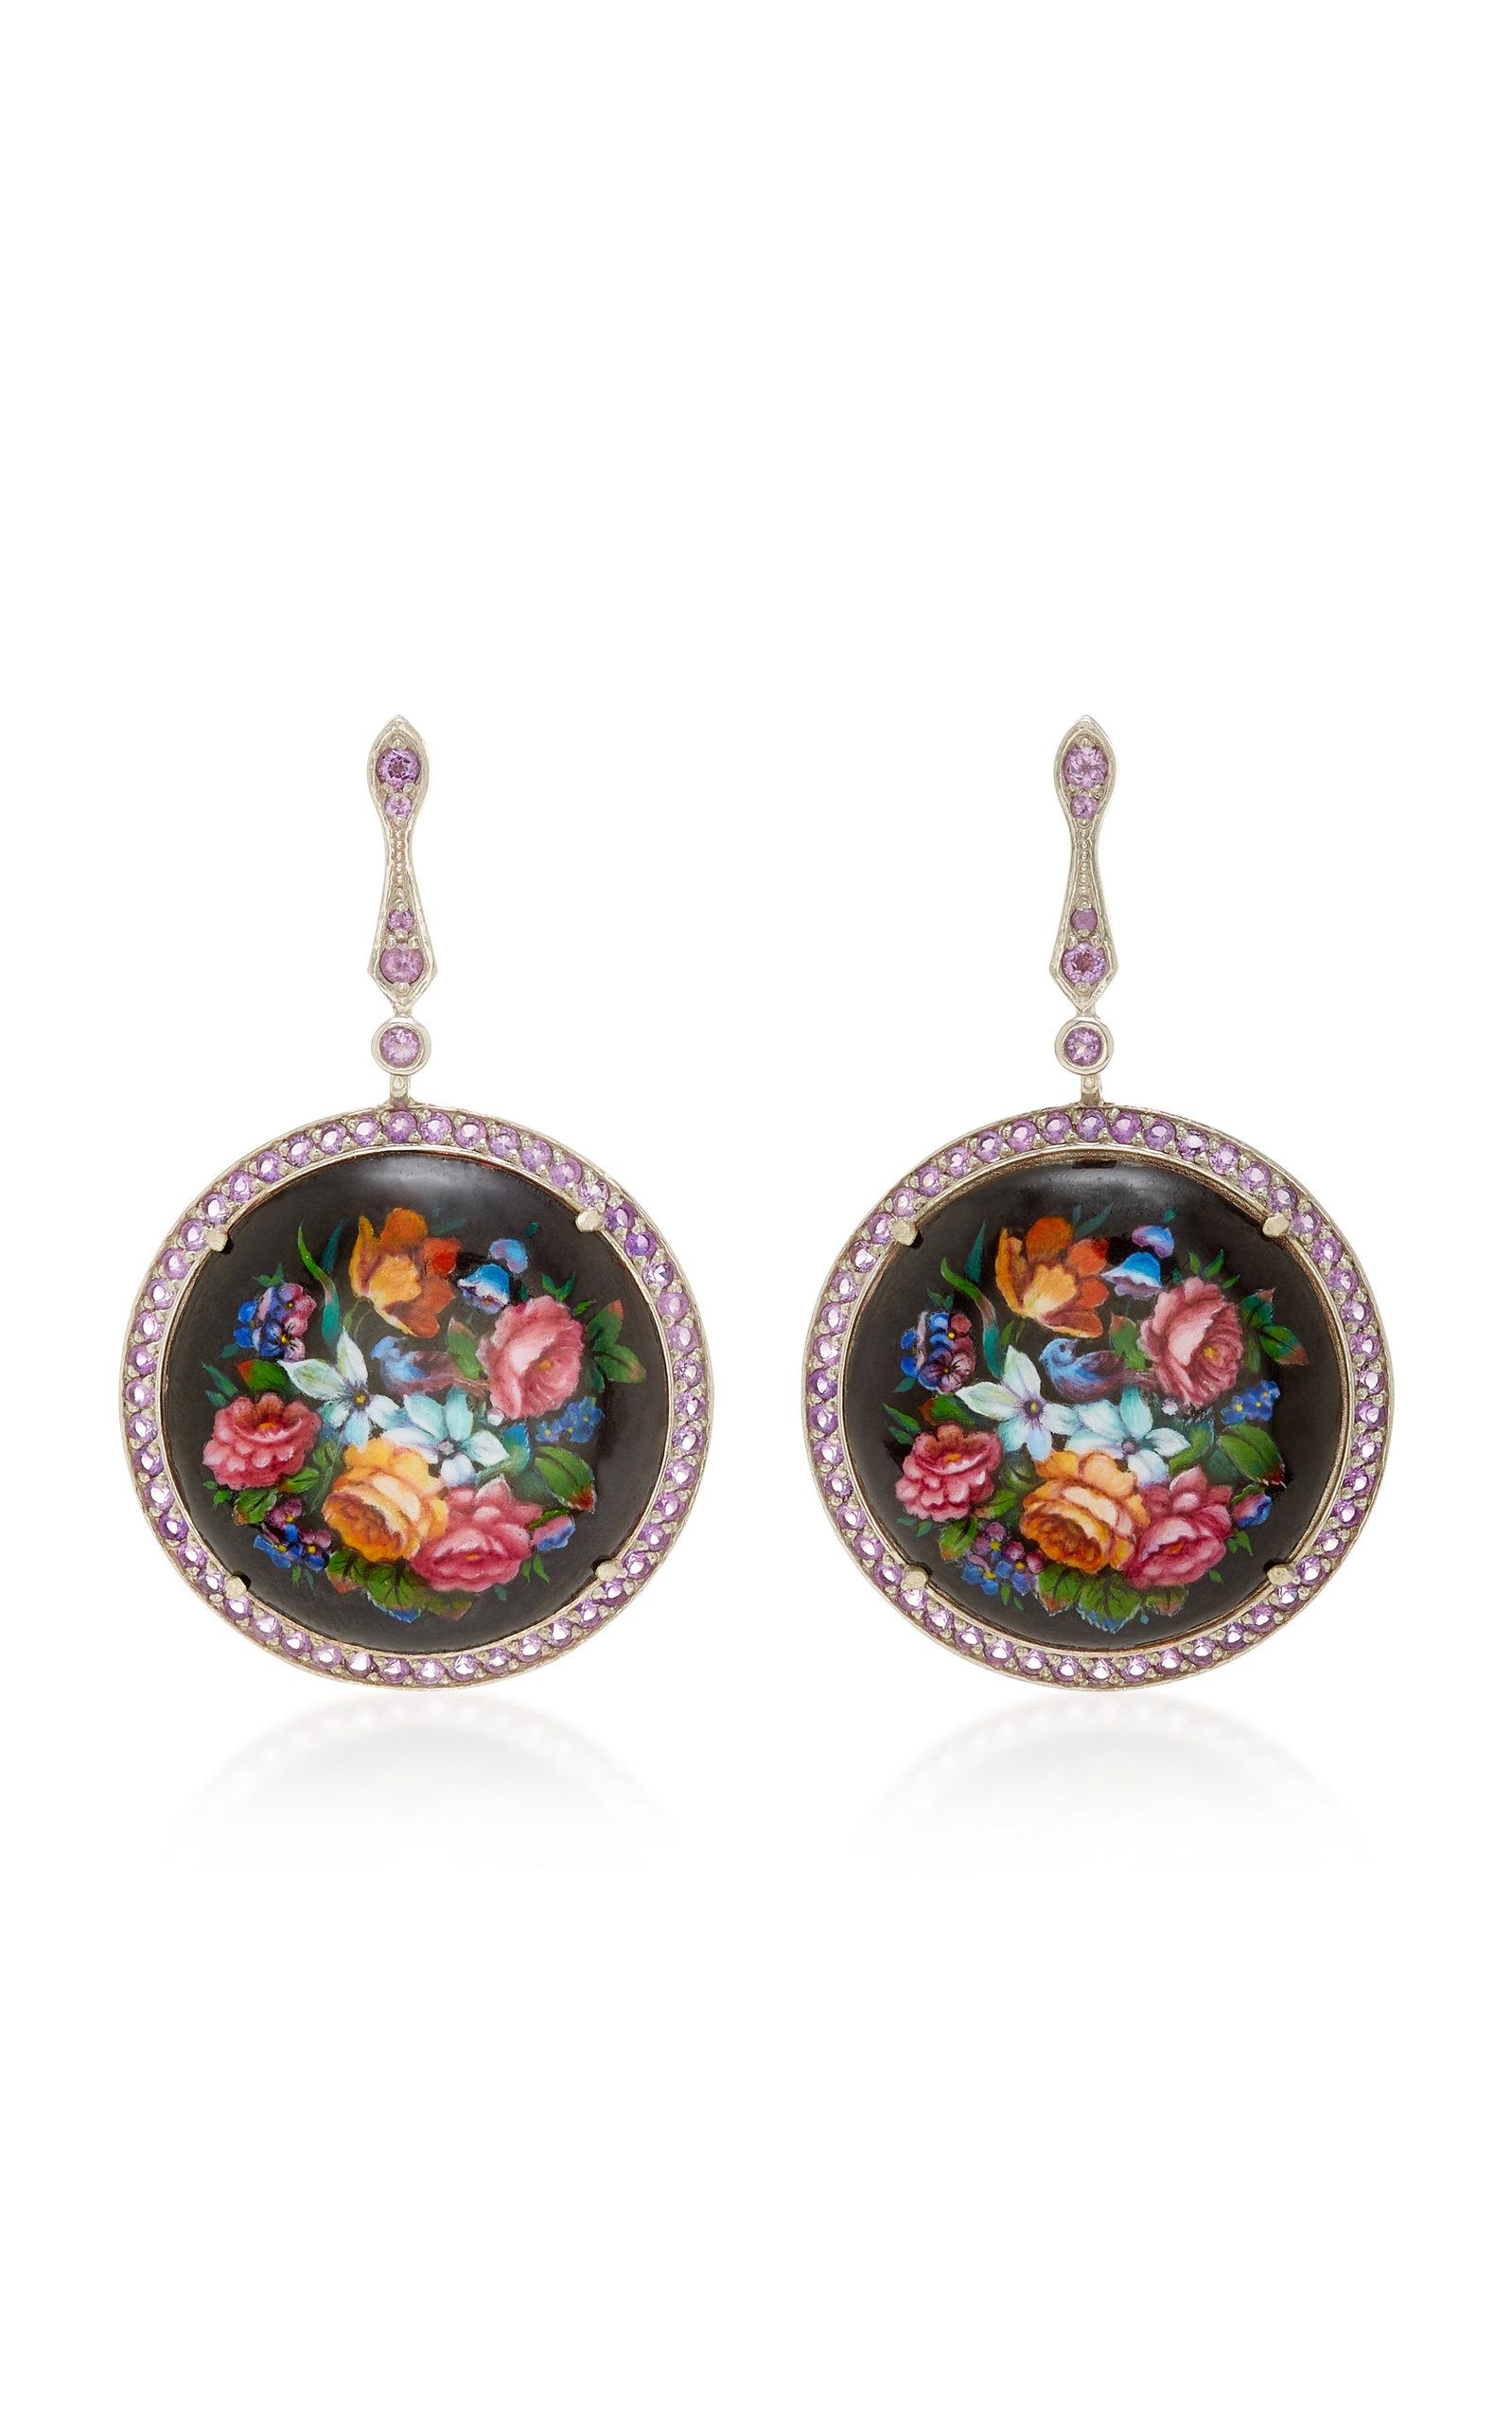 AXENOFF JEWELLERY Heartbreak Garden Silver Drop Earrings in Floral